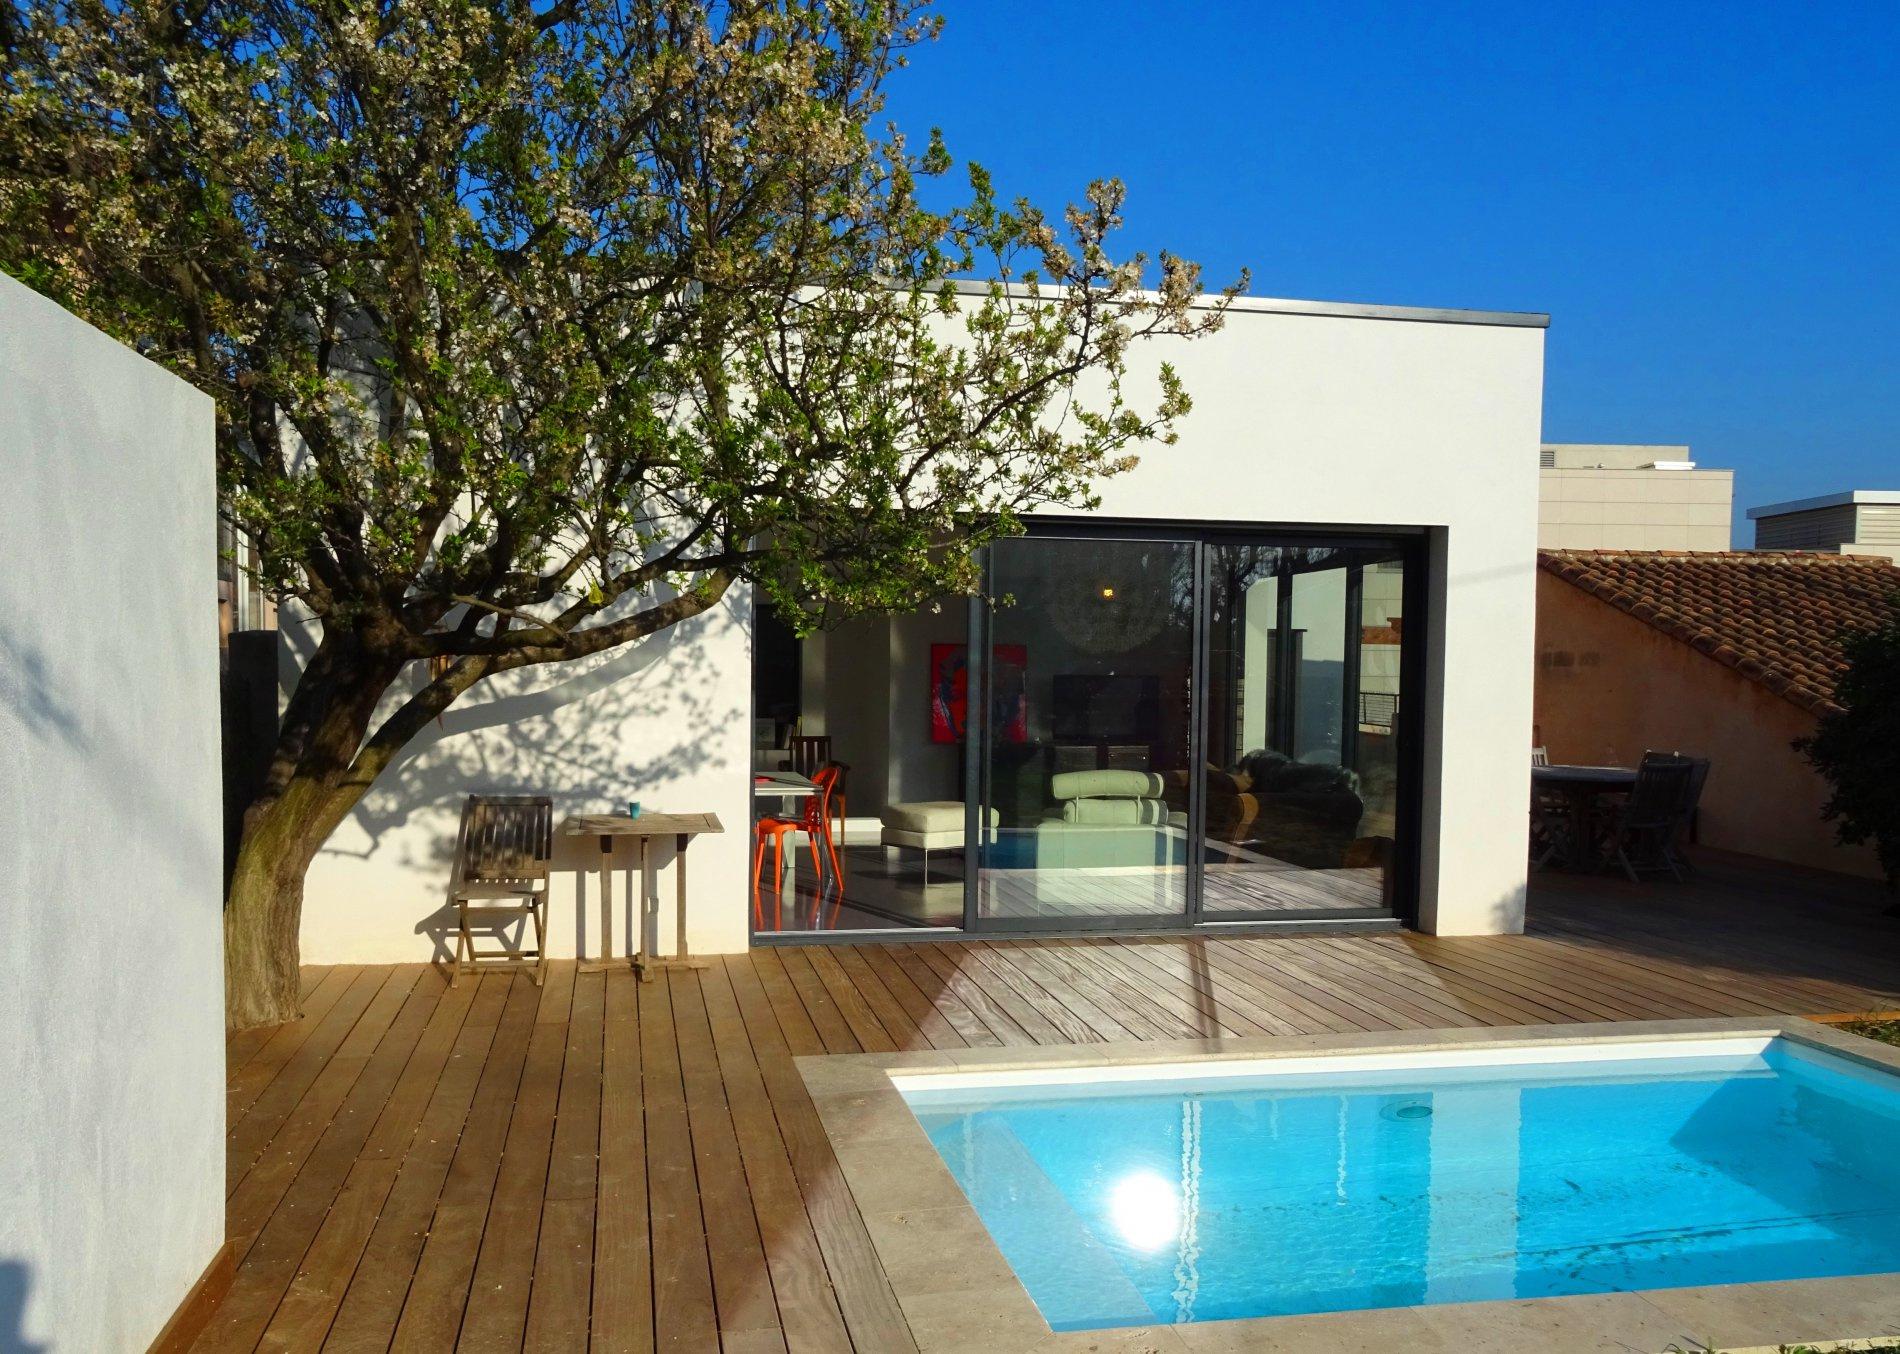 Maison de ville aix en provence centre ventana blog - Salon immobilier aix en provence ...